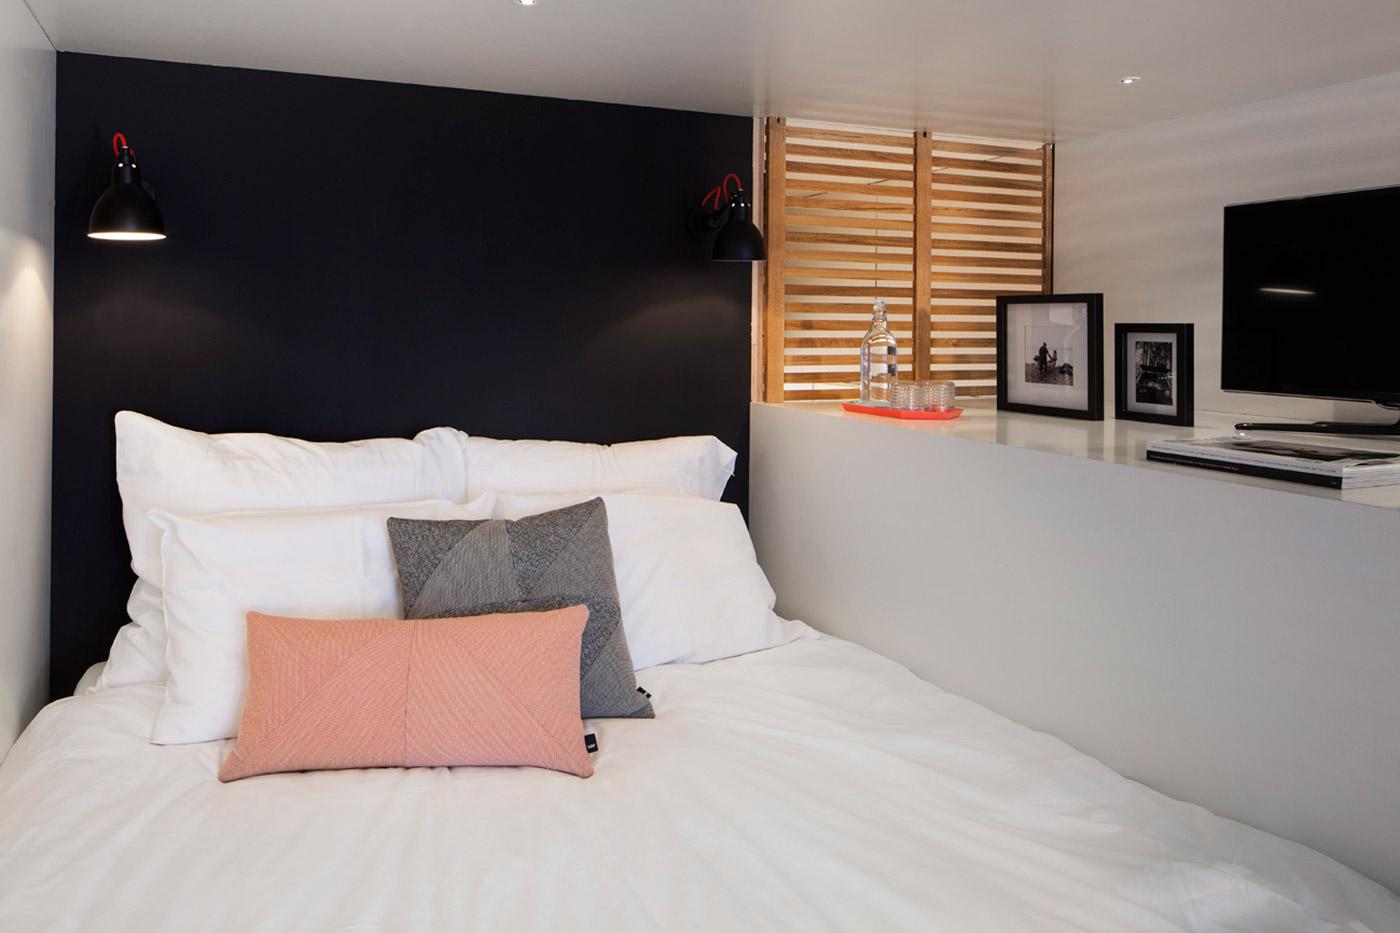 Small lofted bed idea